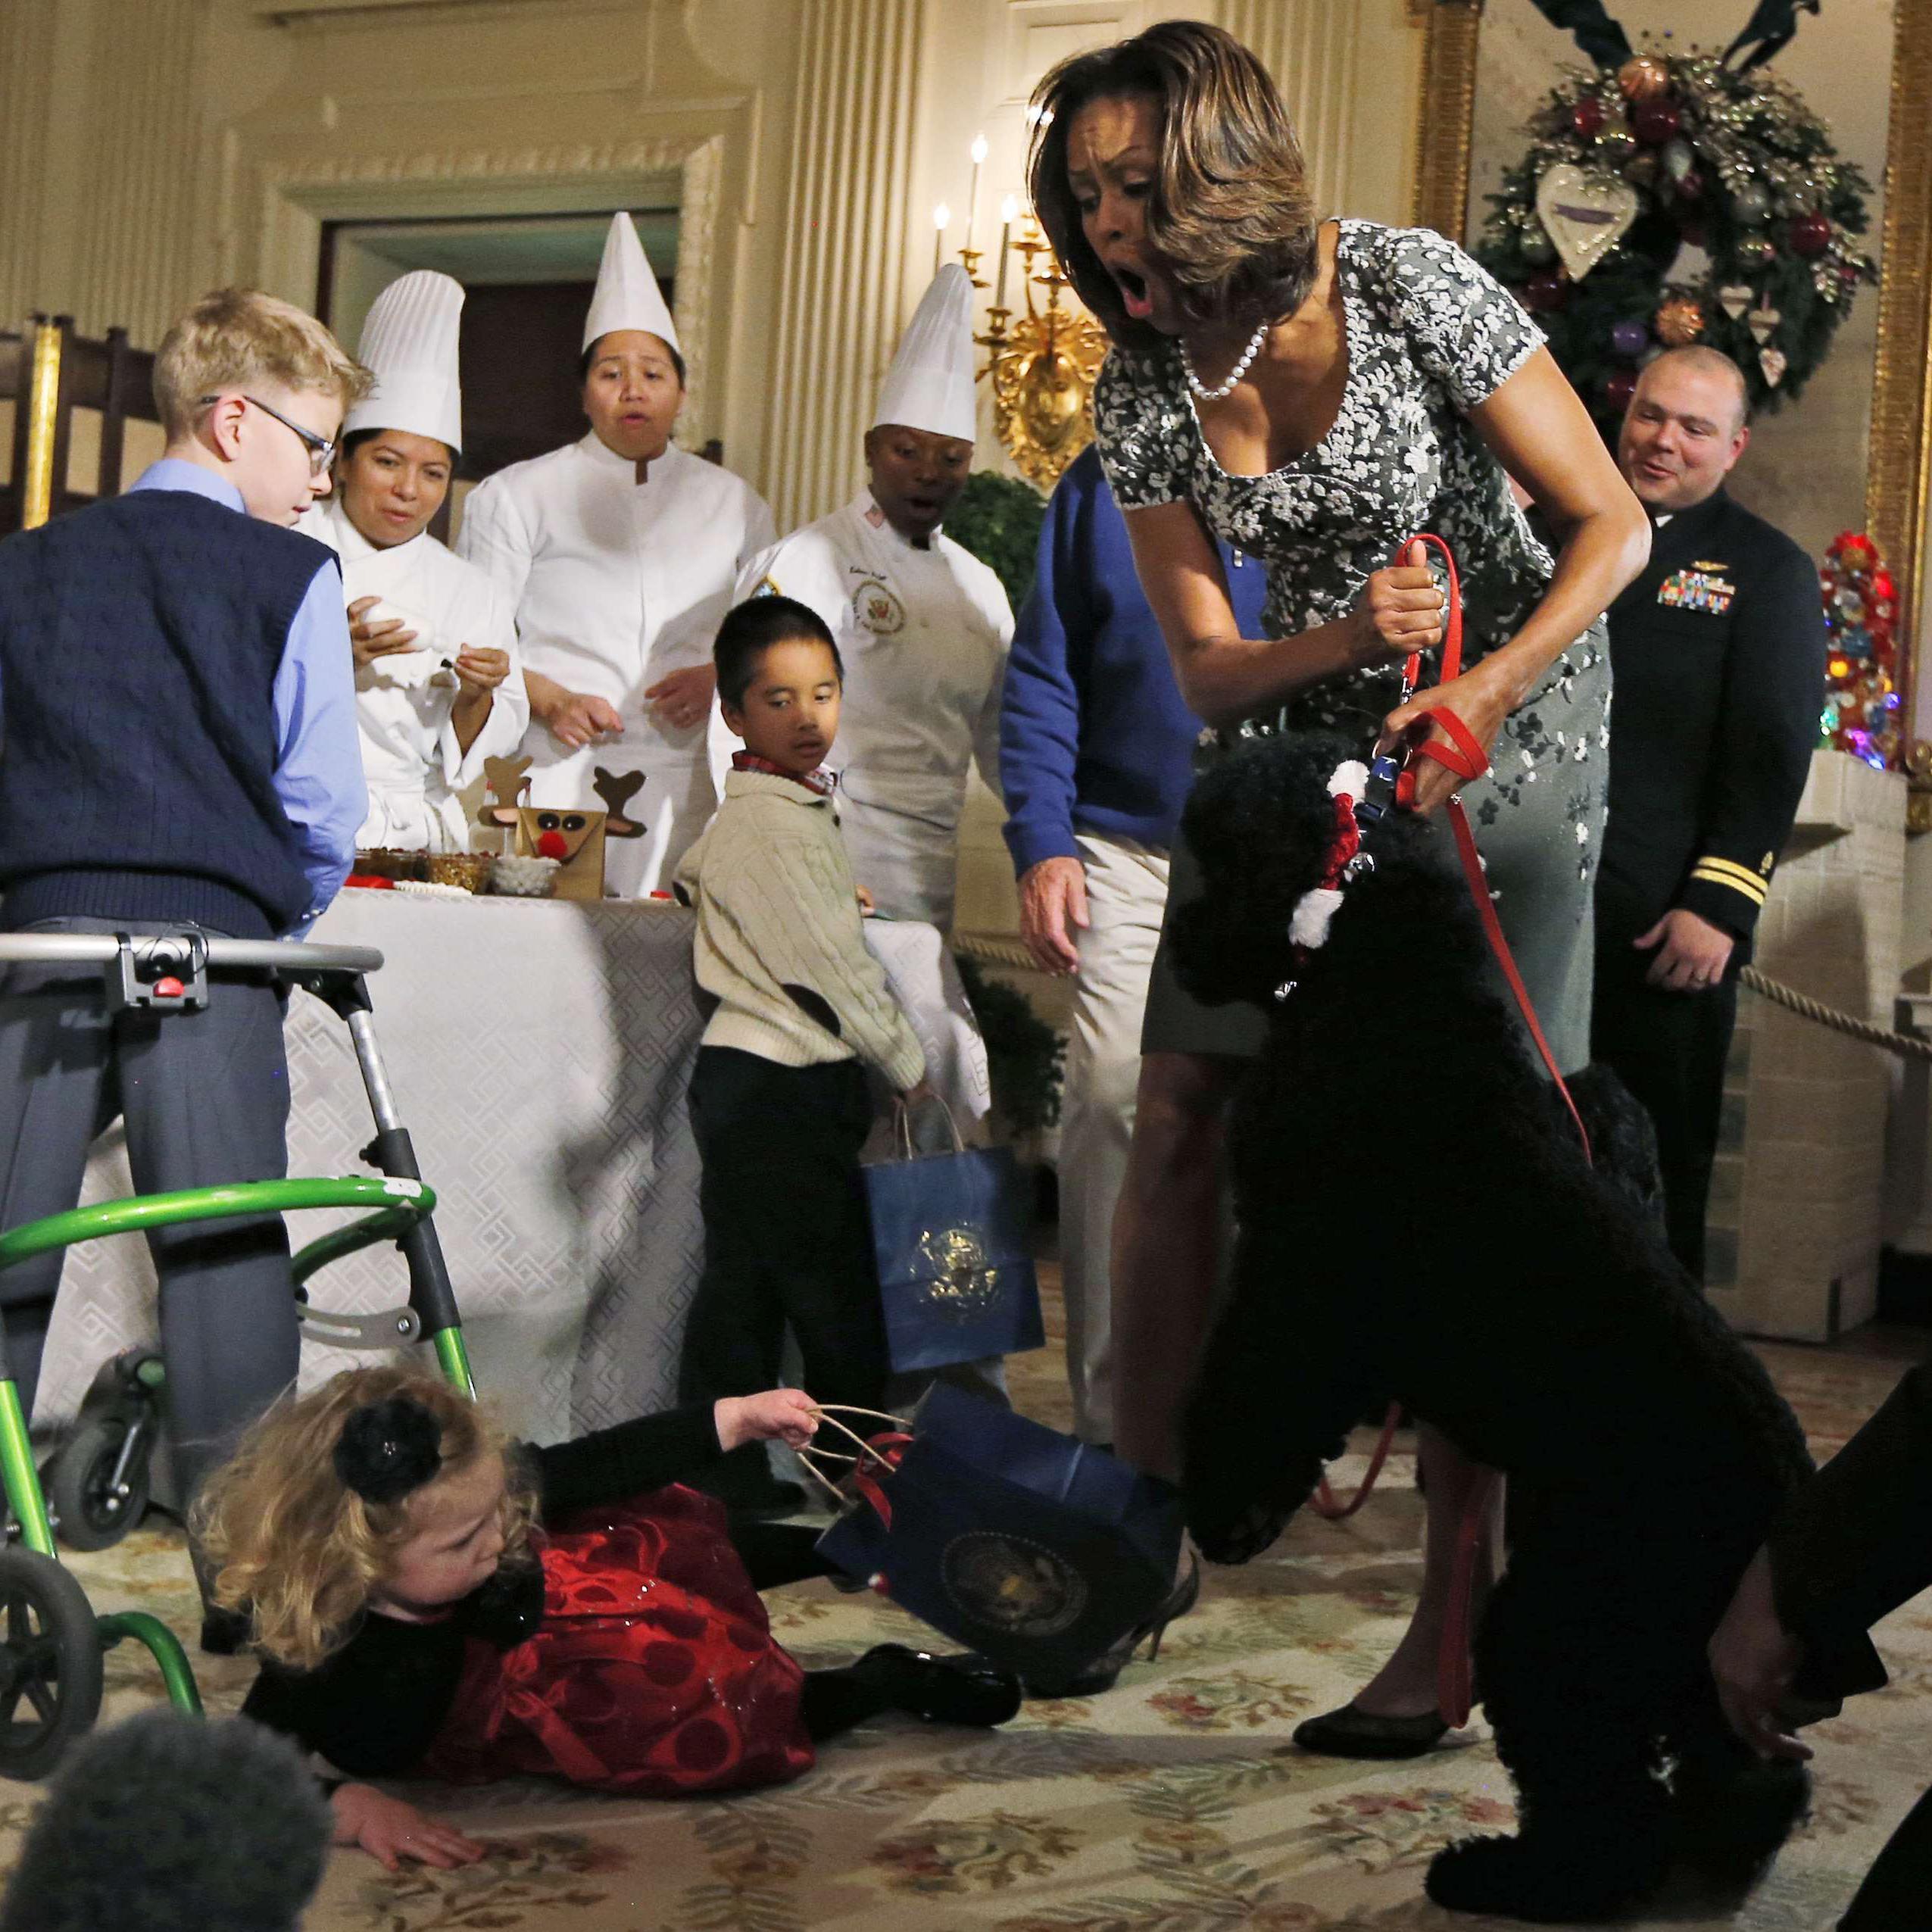 Le chien des obama s attaque aux invit s de la maison for Attaque a la maison blanche